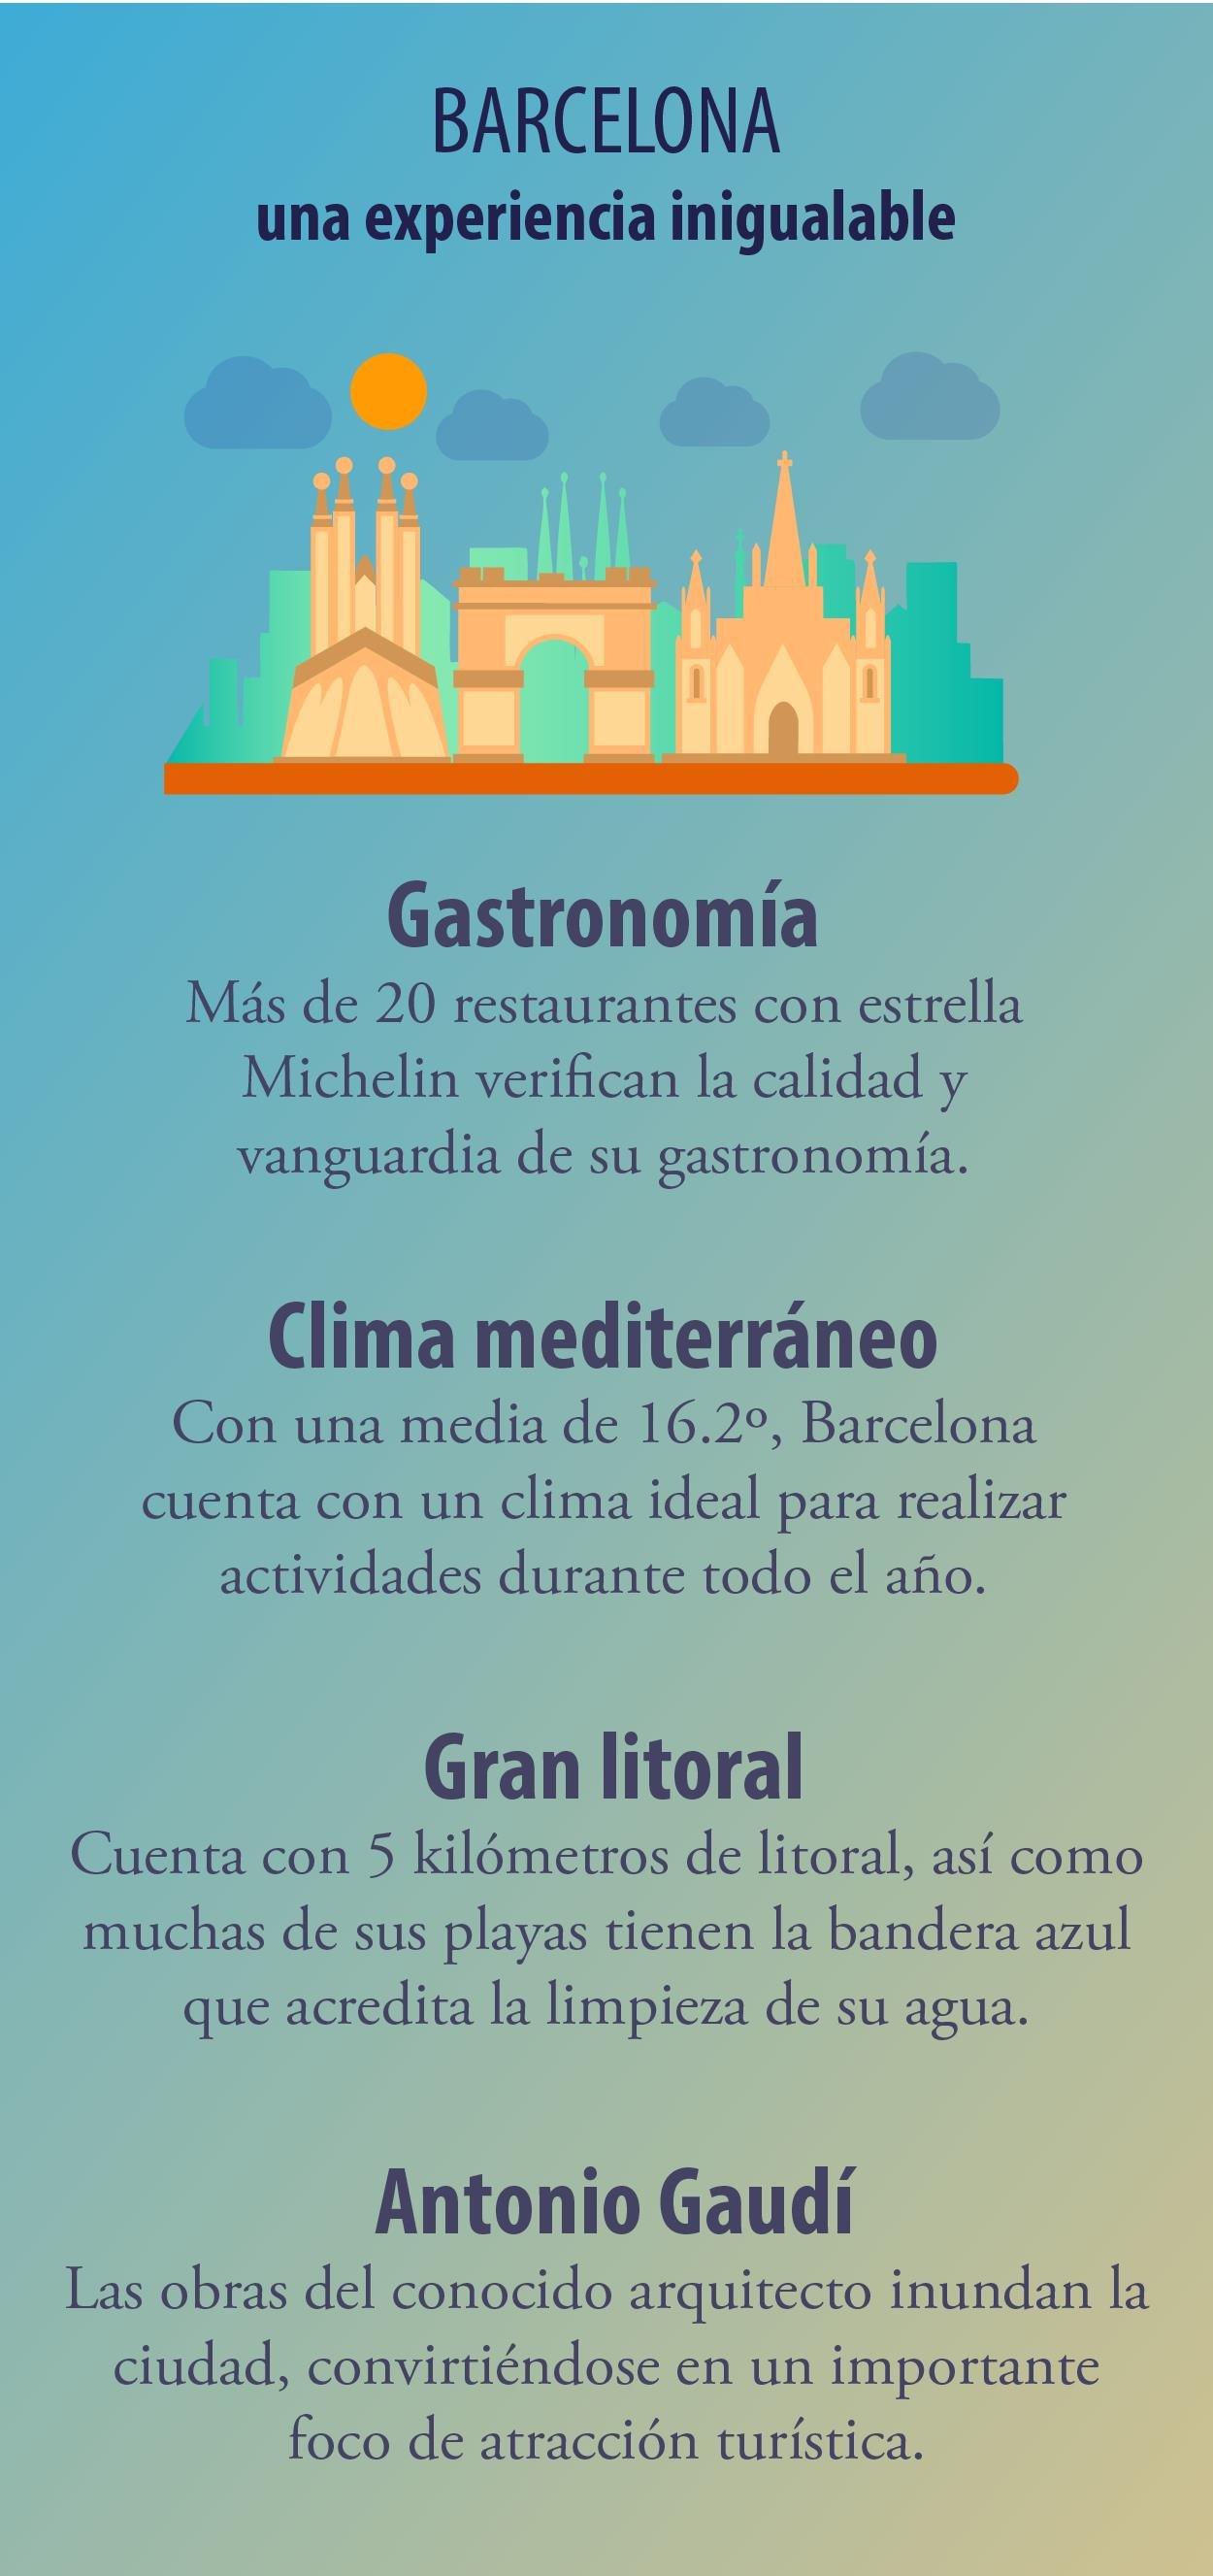 Barcelona, una ciudad inolvidable